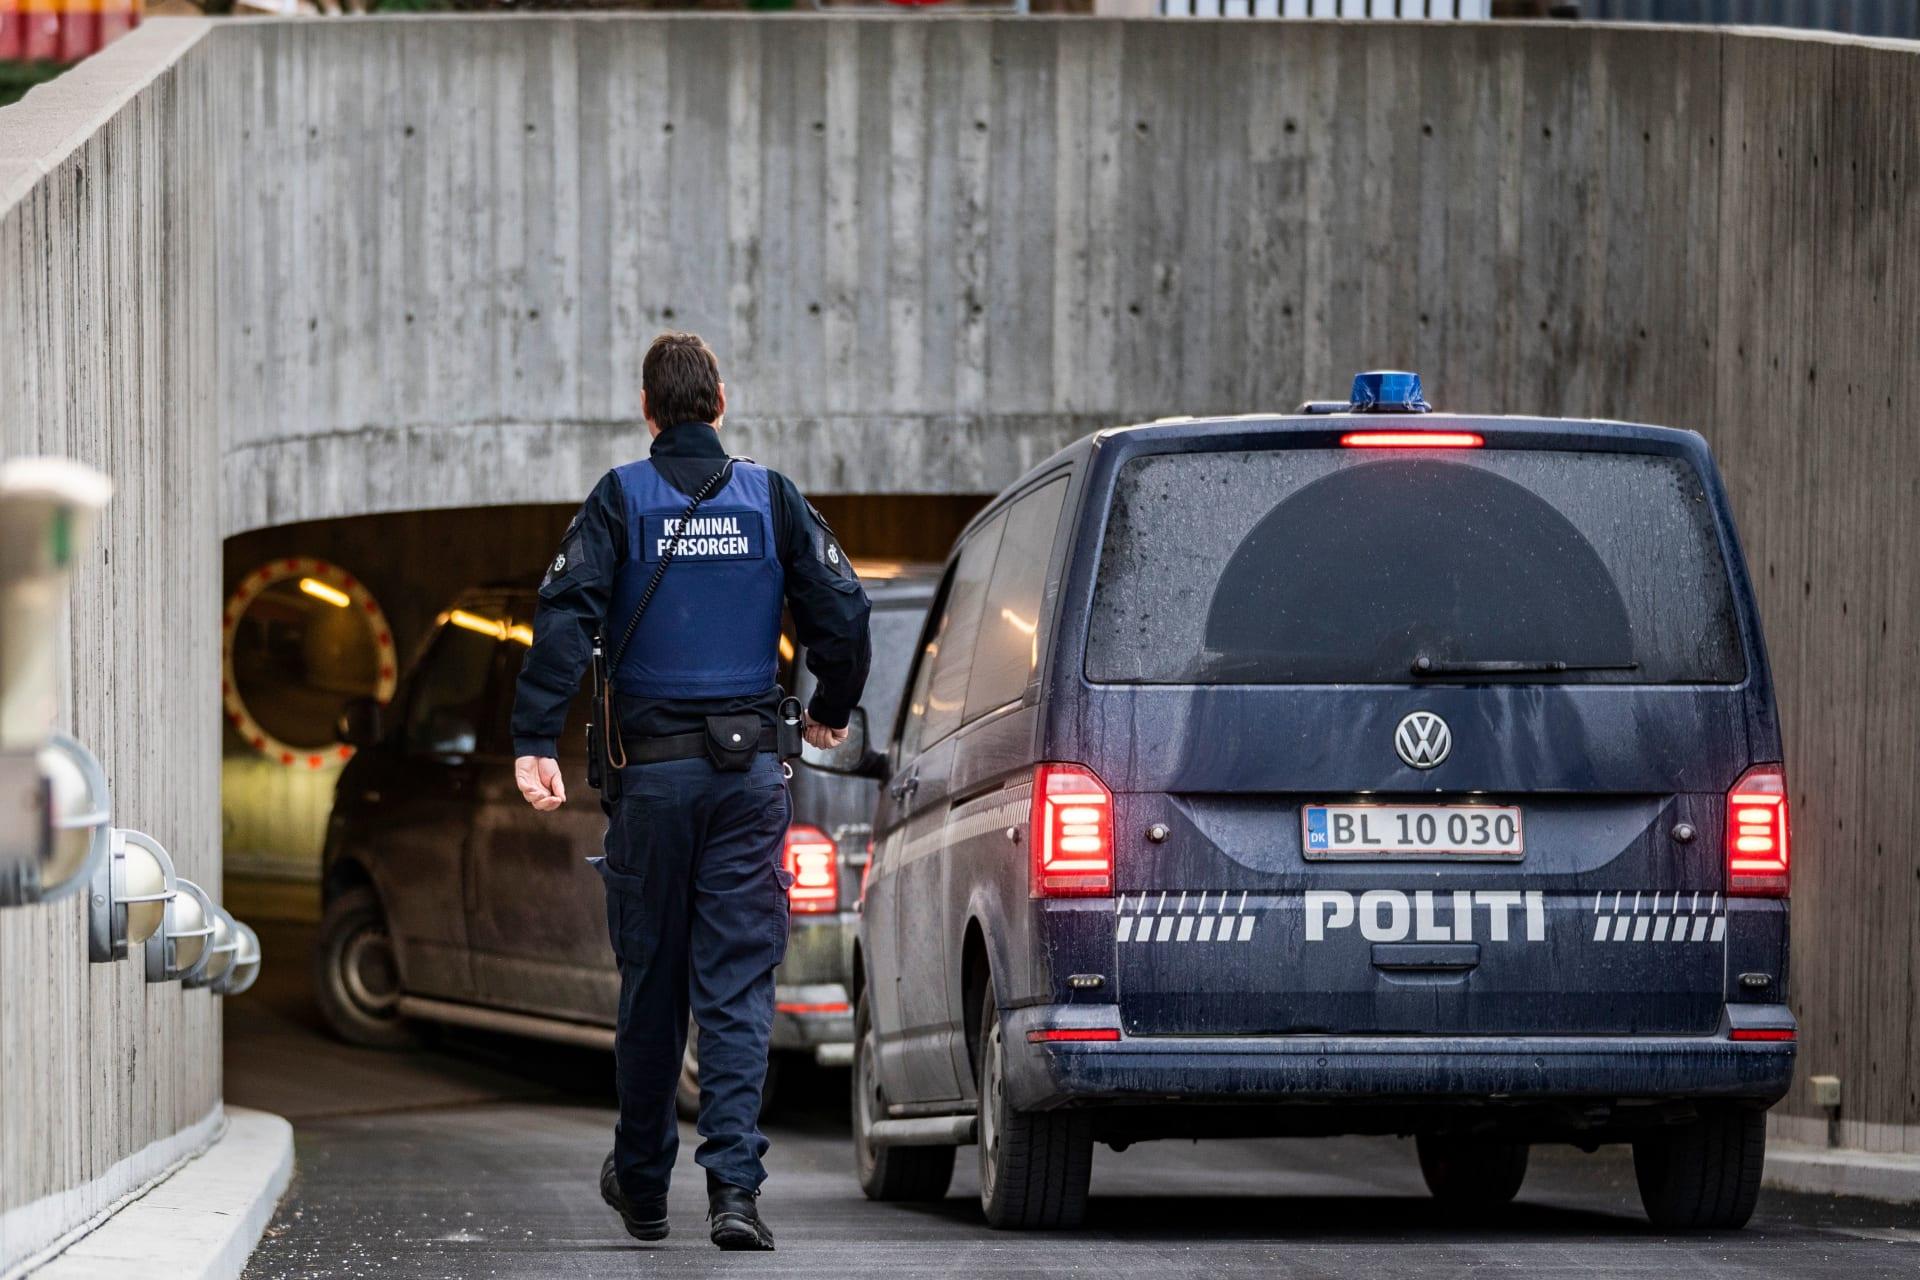 الشرطة الدنماركية تعلن العثور على كمية كبيرة من المتفجرات